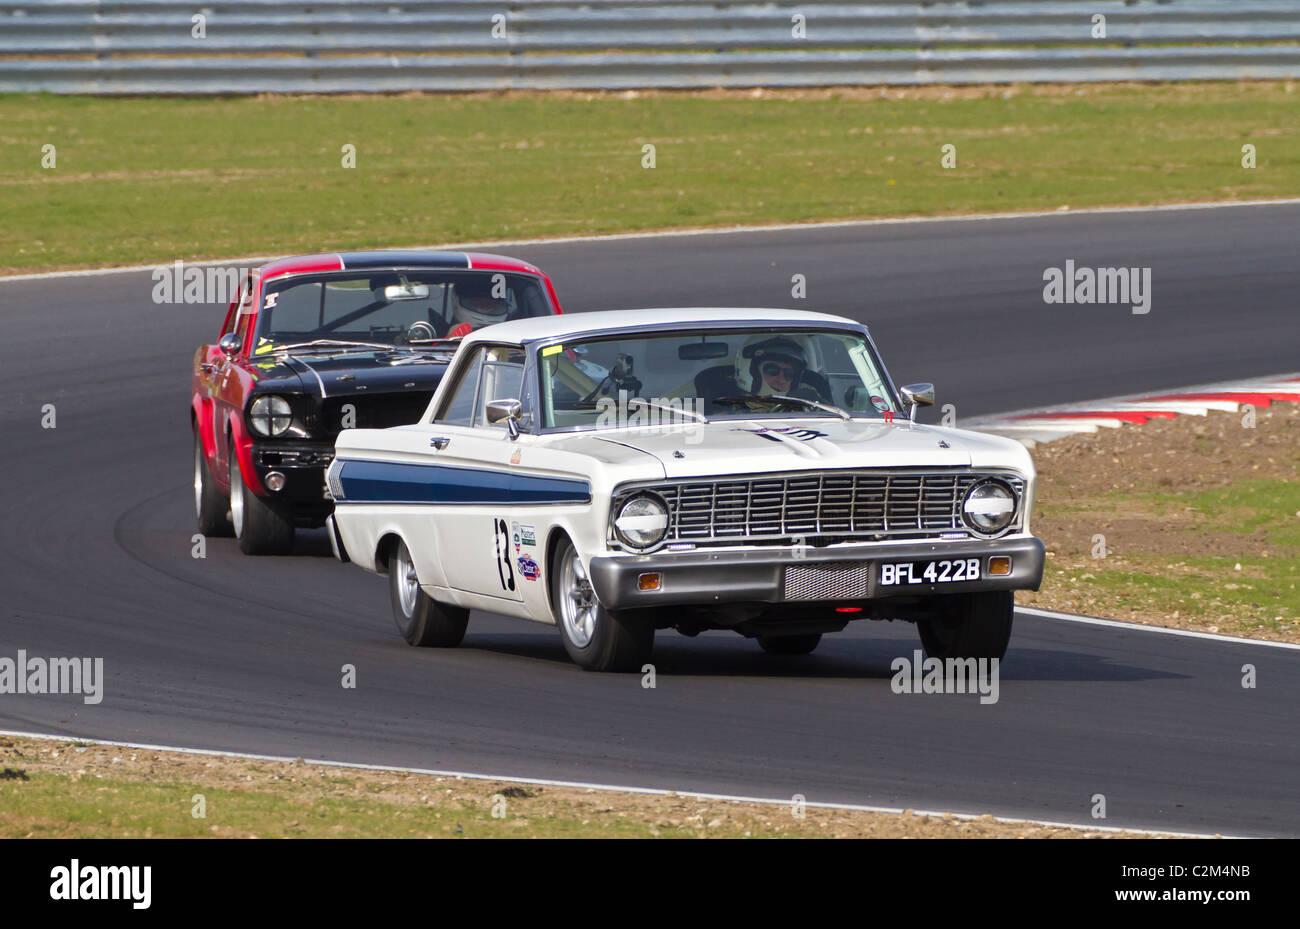 1964 Ford Falcon Sprint Und 1965 Mustang Whrend Der Cscc Swinging Sixties Serie Rennen In Snetterton Norfolk Grobritannien